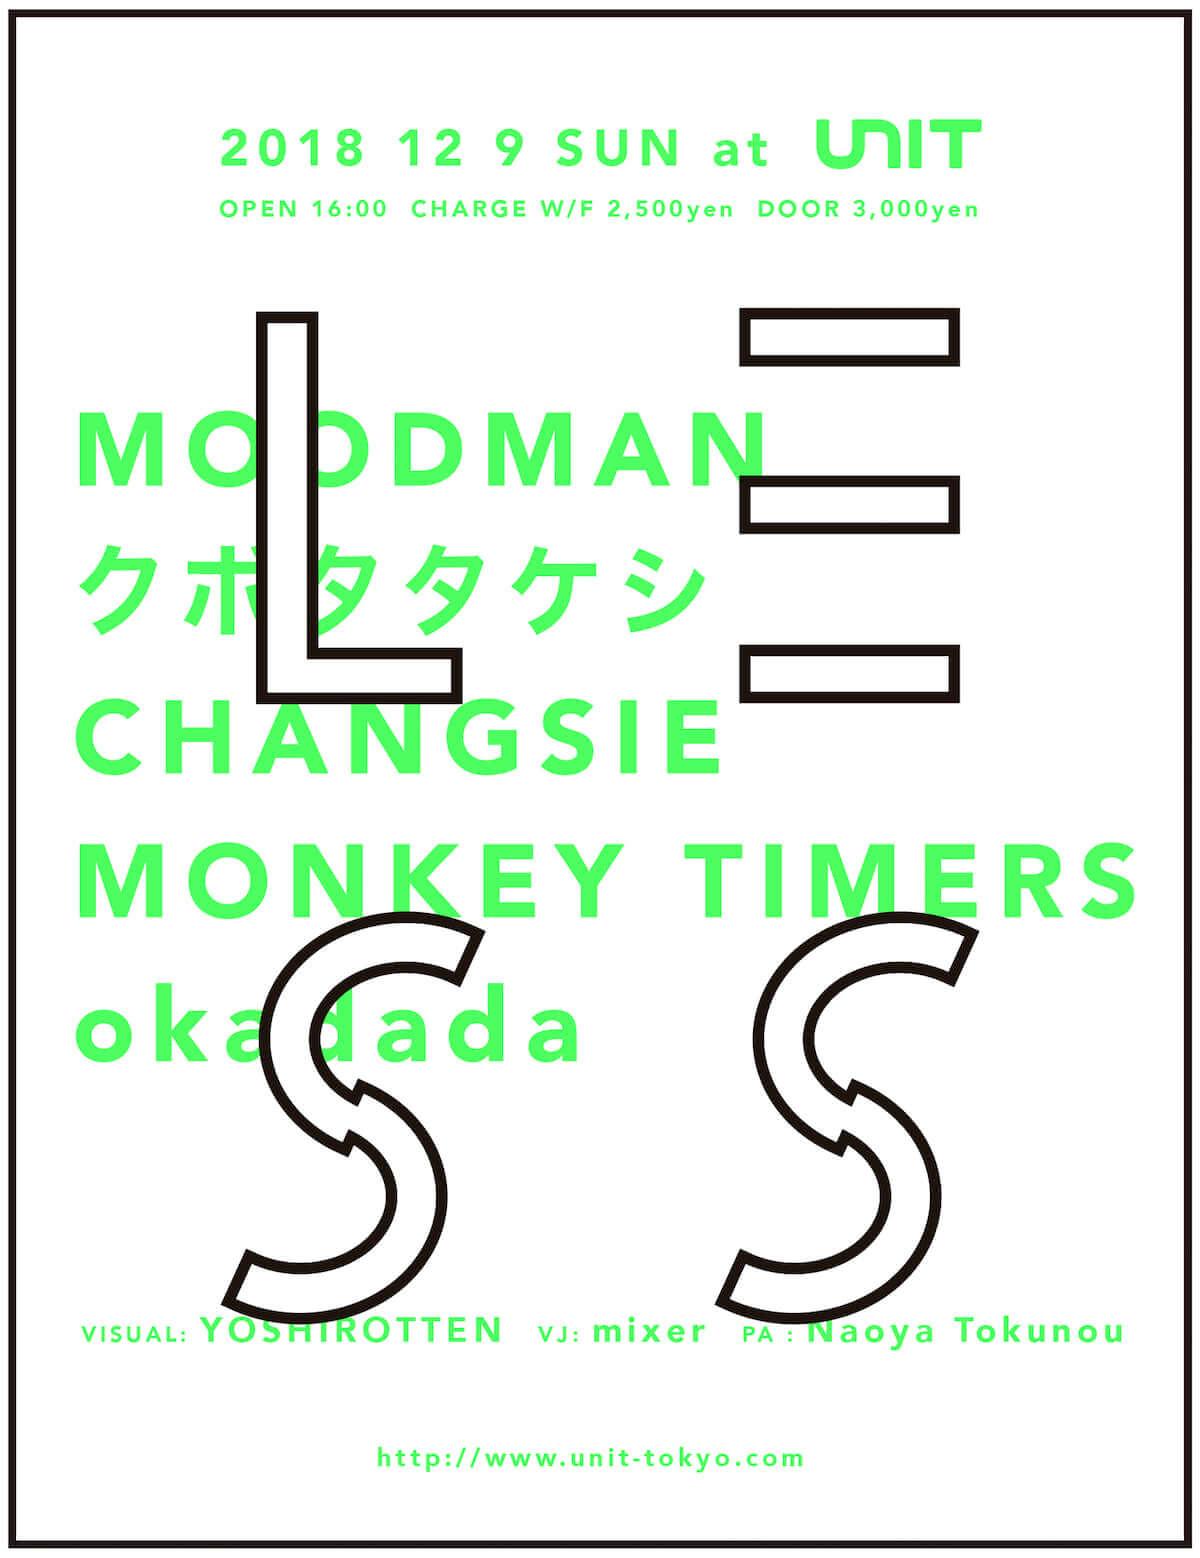 MONKEY TIMERS、okadadaがレジデント&ビジュアルをYOSHIROTTENが務める「LESS」 がデイパーティーで開催 music181024-unit-less-1200x1558